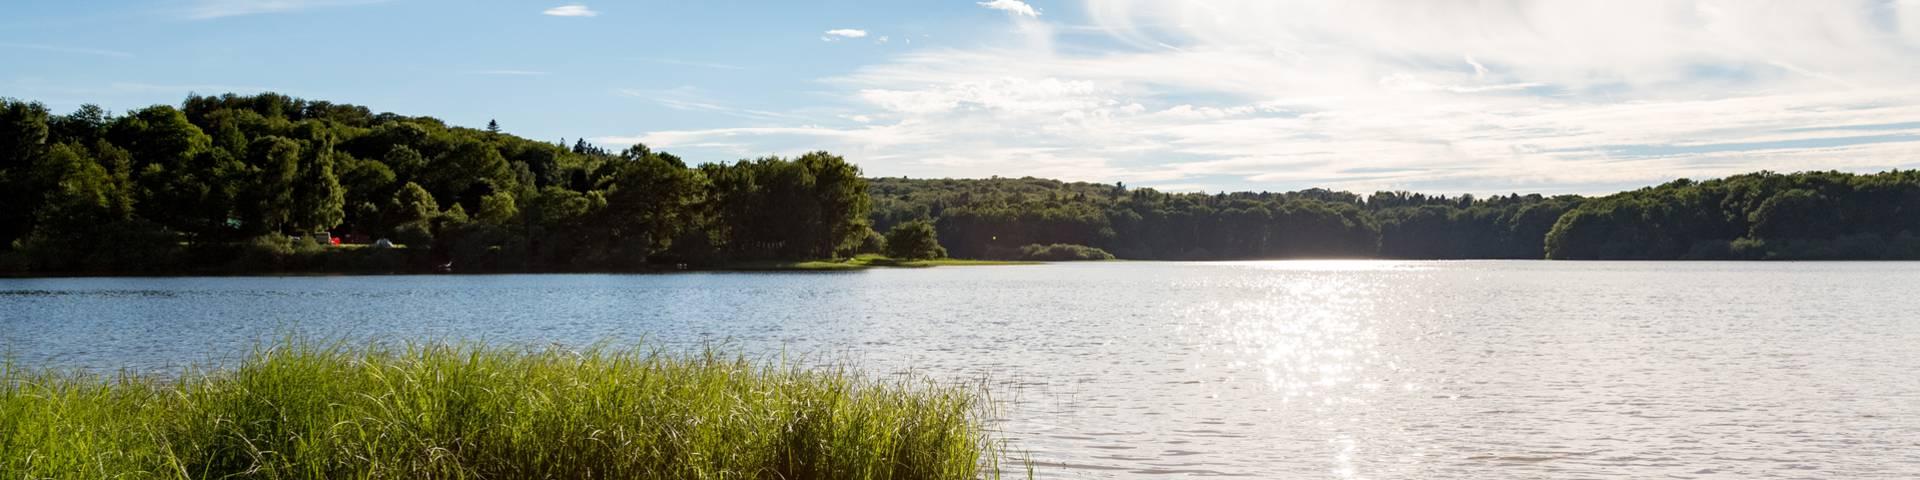 Randonnée autour du lac de Bouzey.